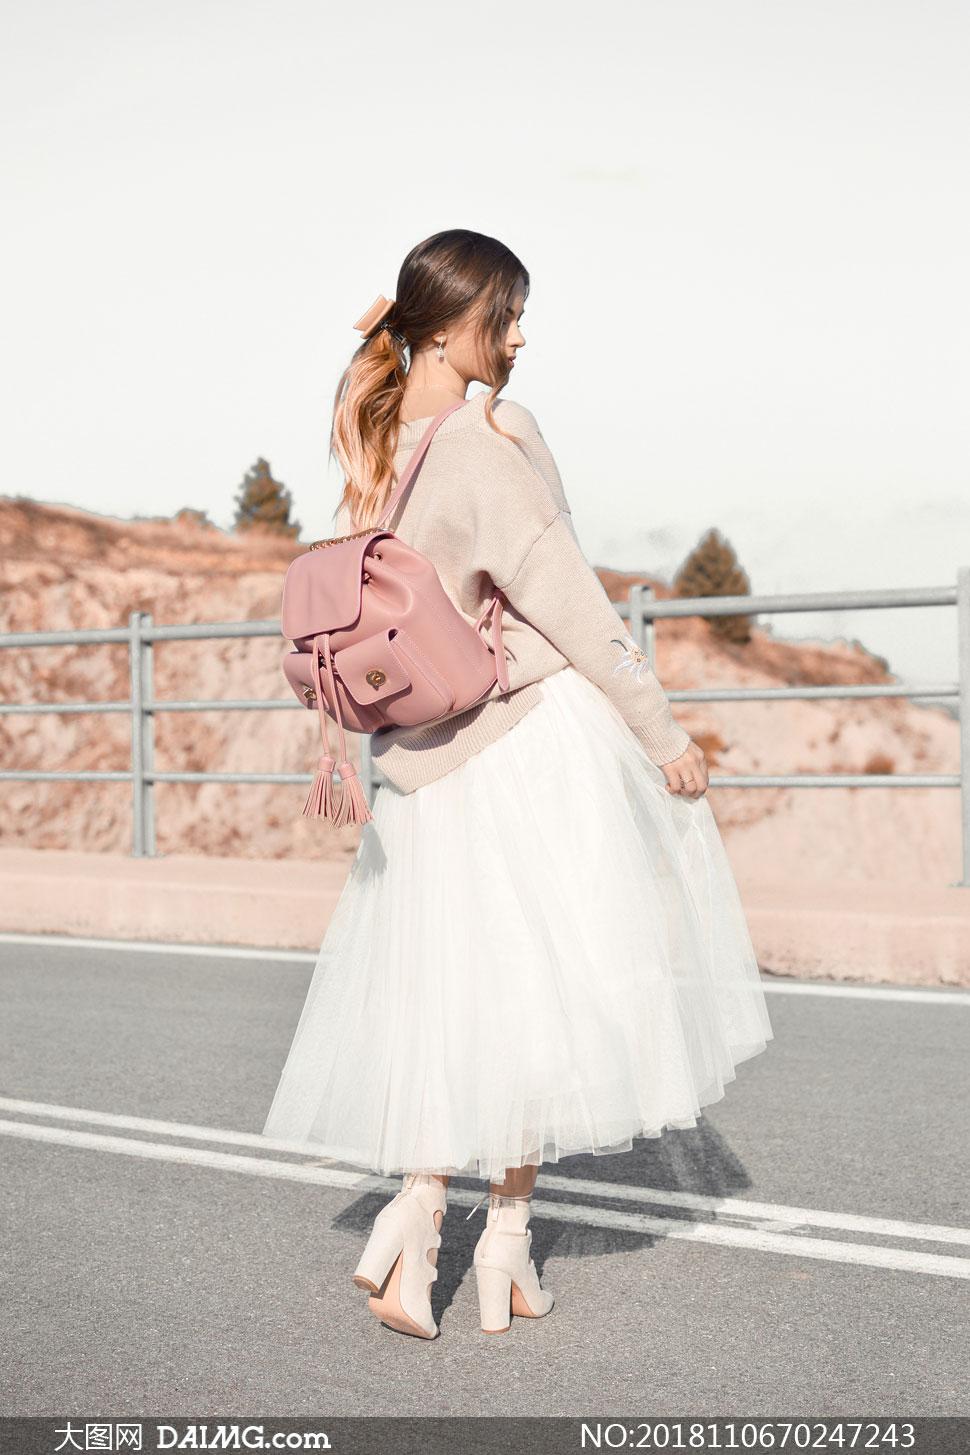 站在公路上的纱裙美女摄影高清图片